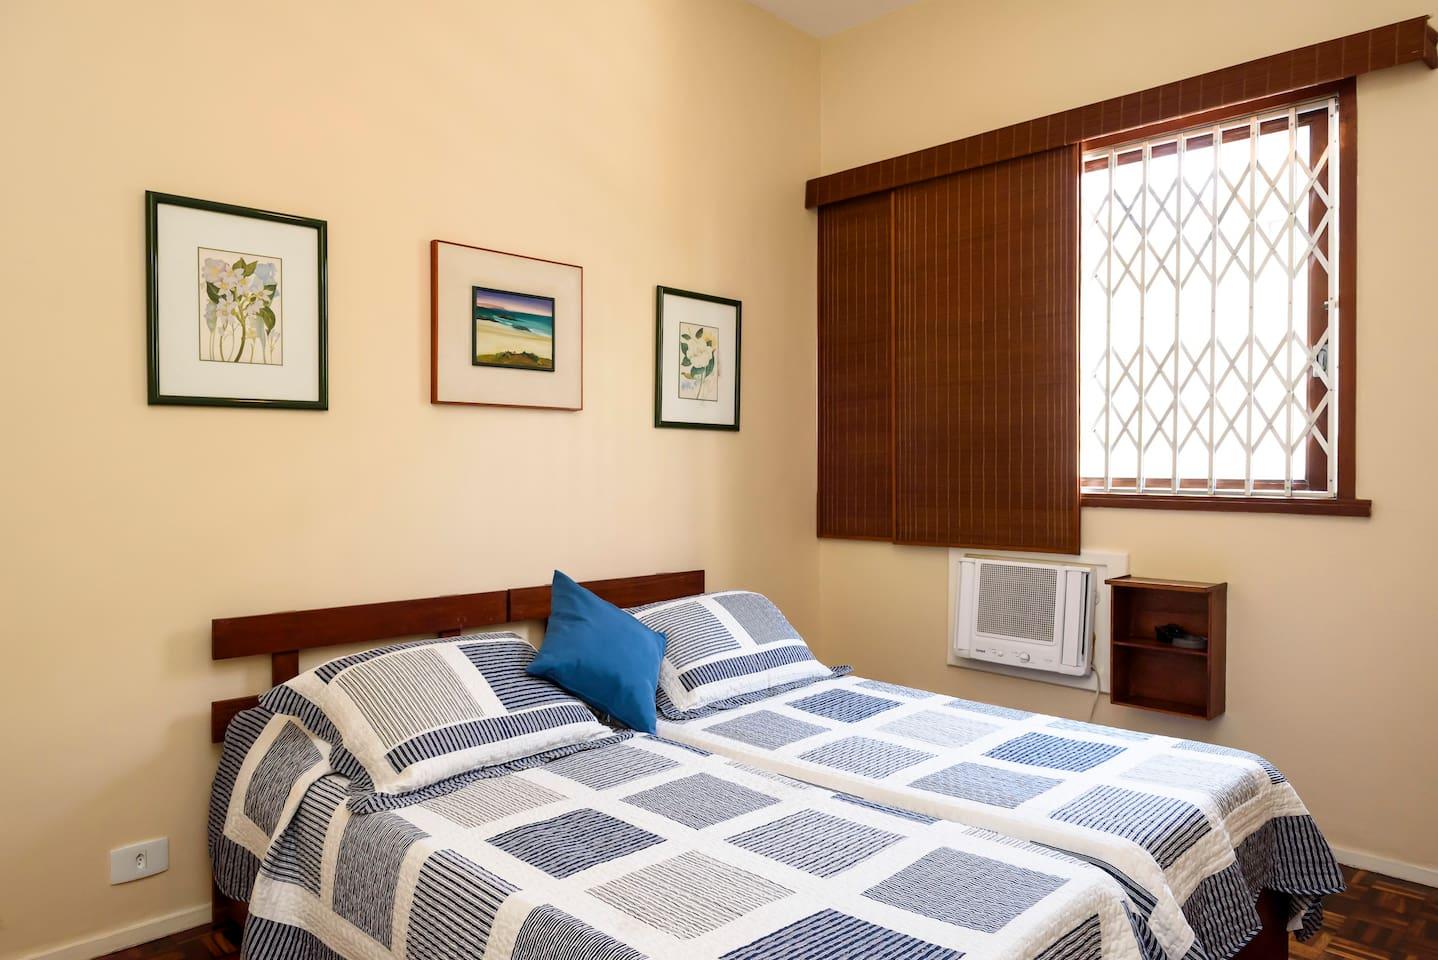 Quarto A: 2 camas de solteiro que foram unidas. Tem 1 bicama também embaixo. (3 camas no total)